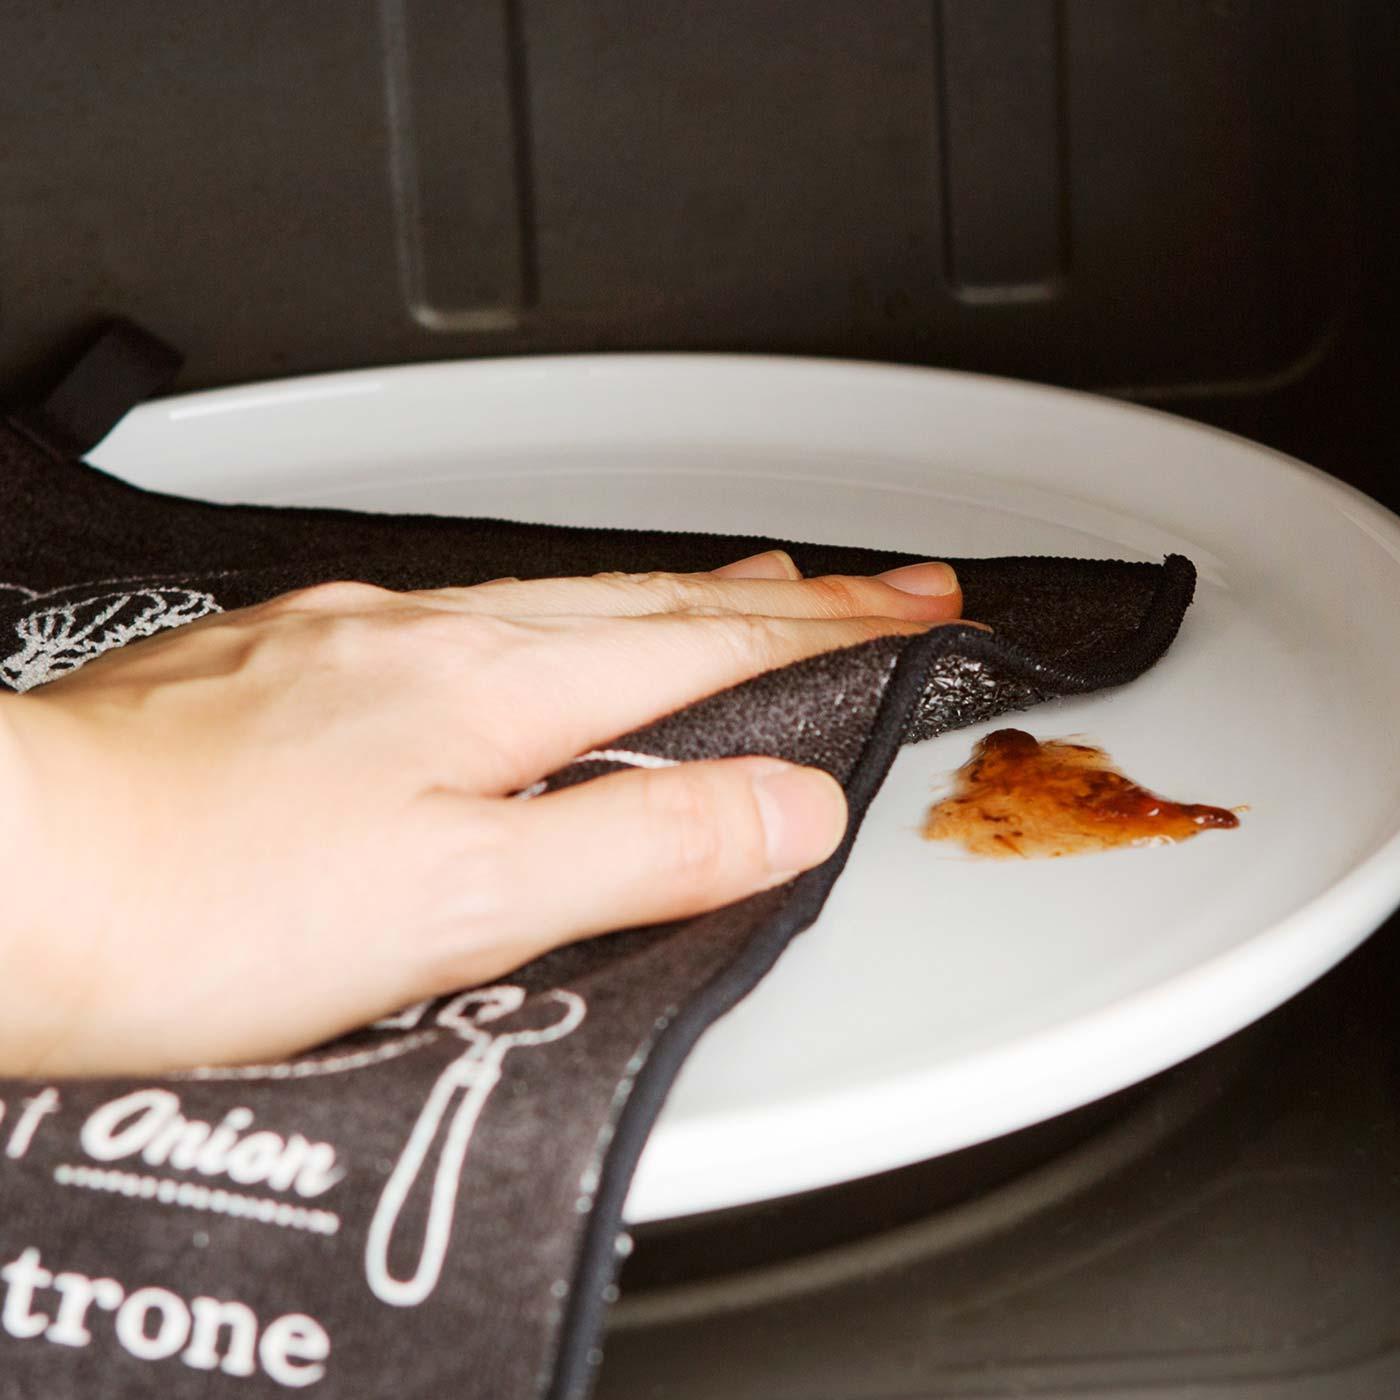 汚れが目立ちにくい黒色で、手を汚しにくい大きめサイズ。